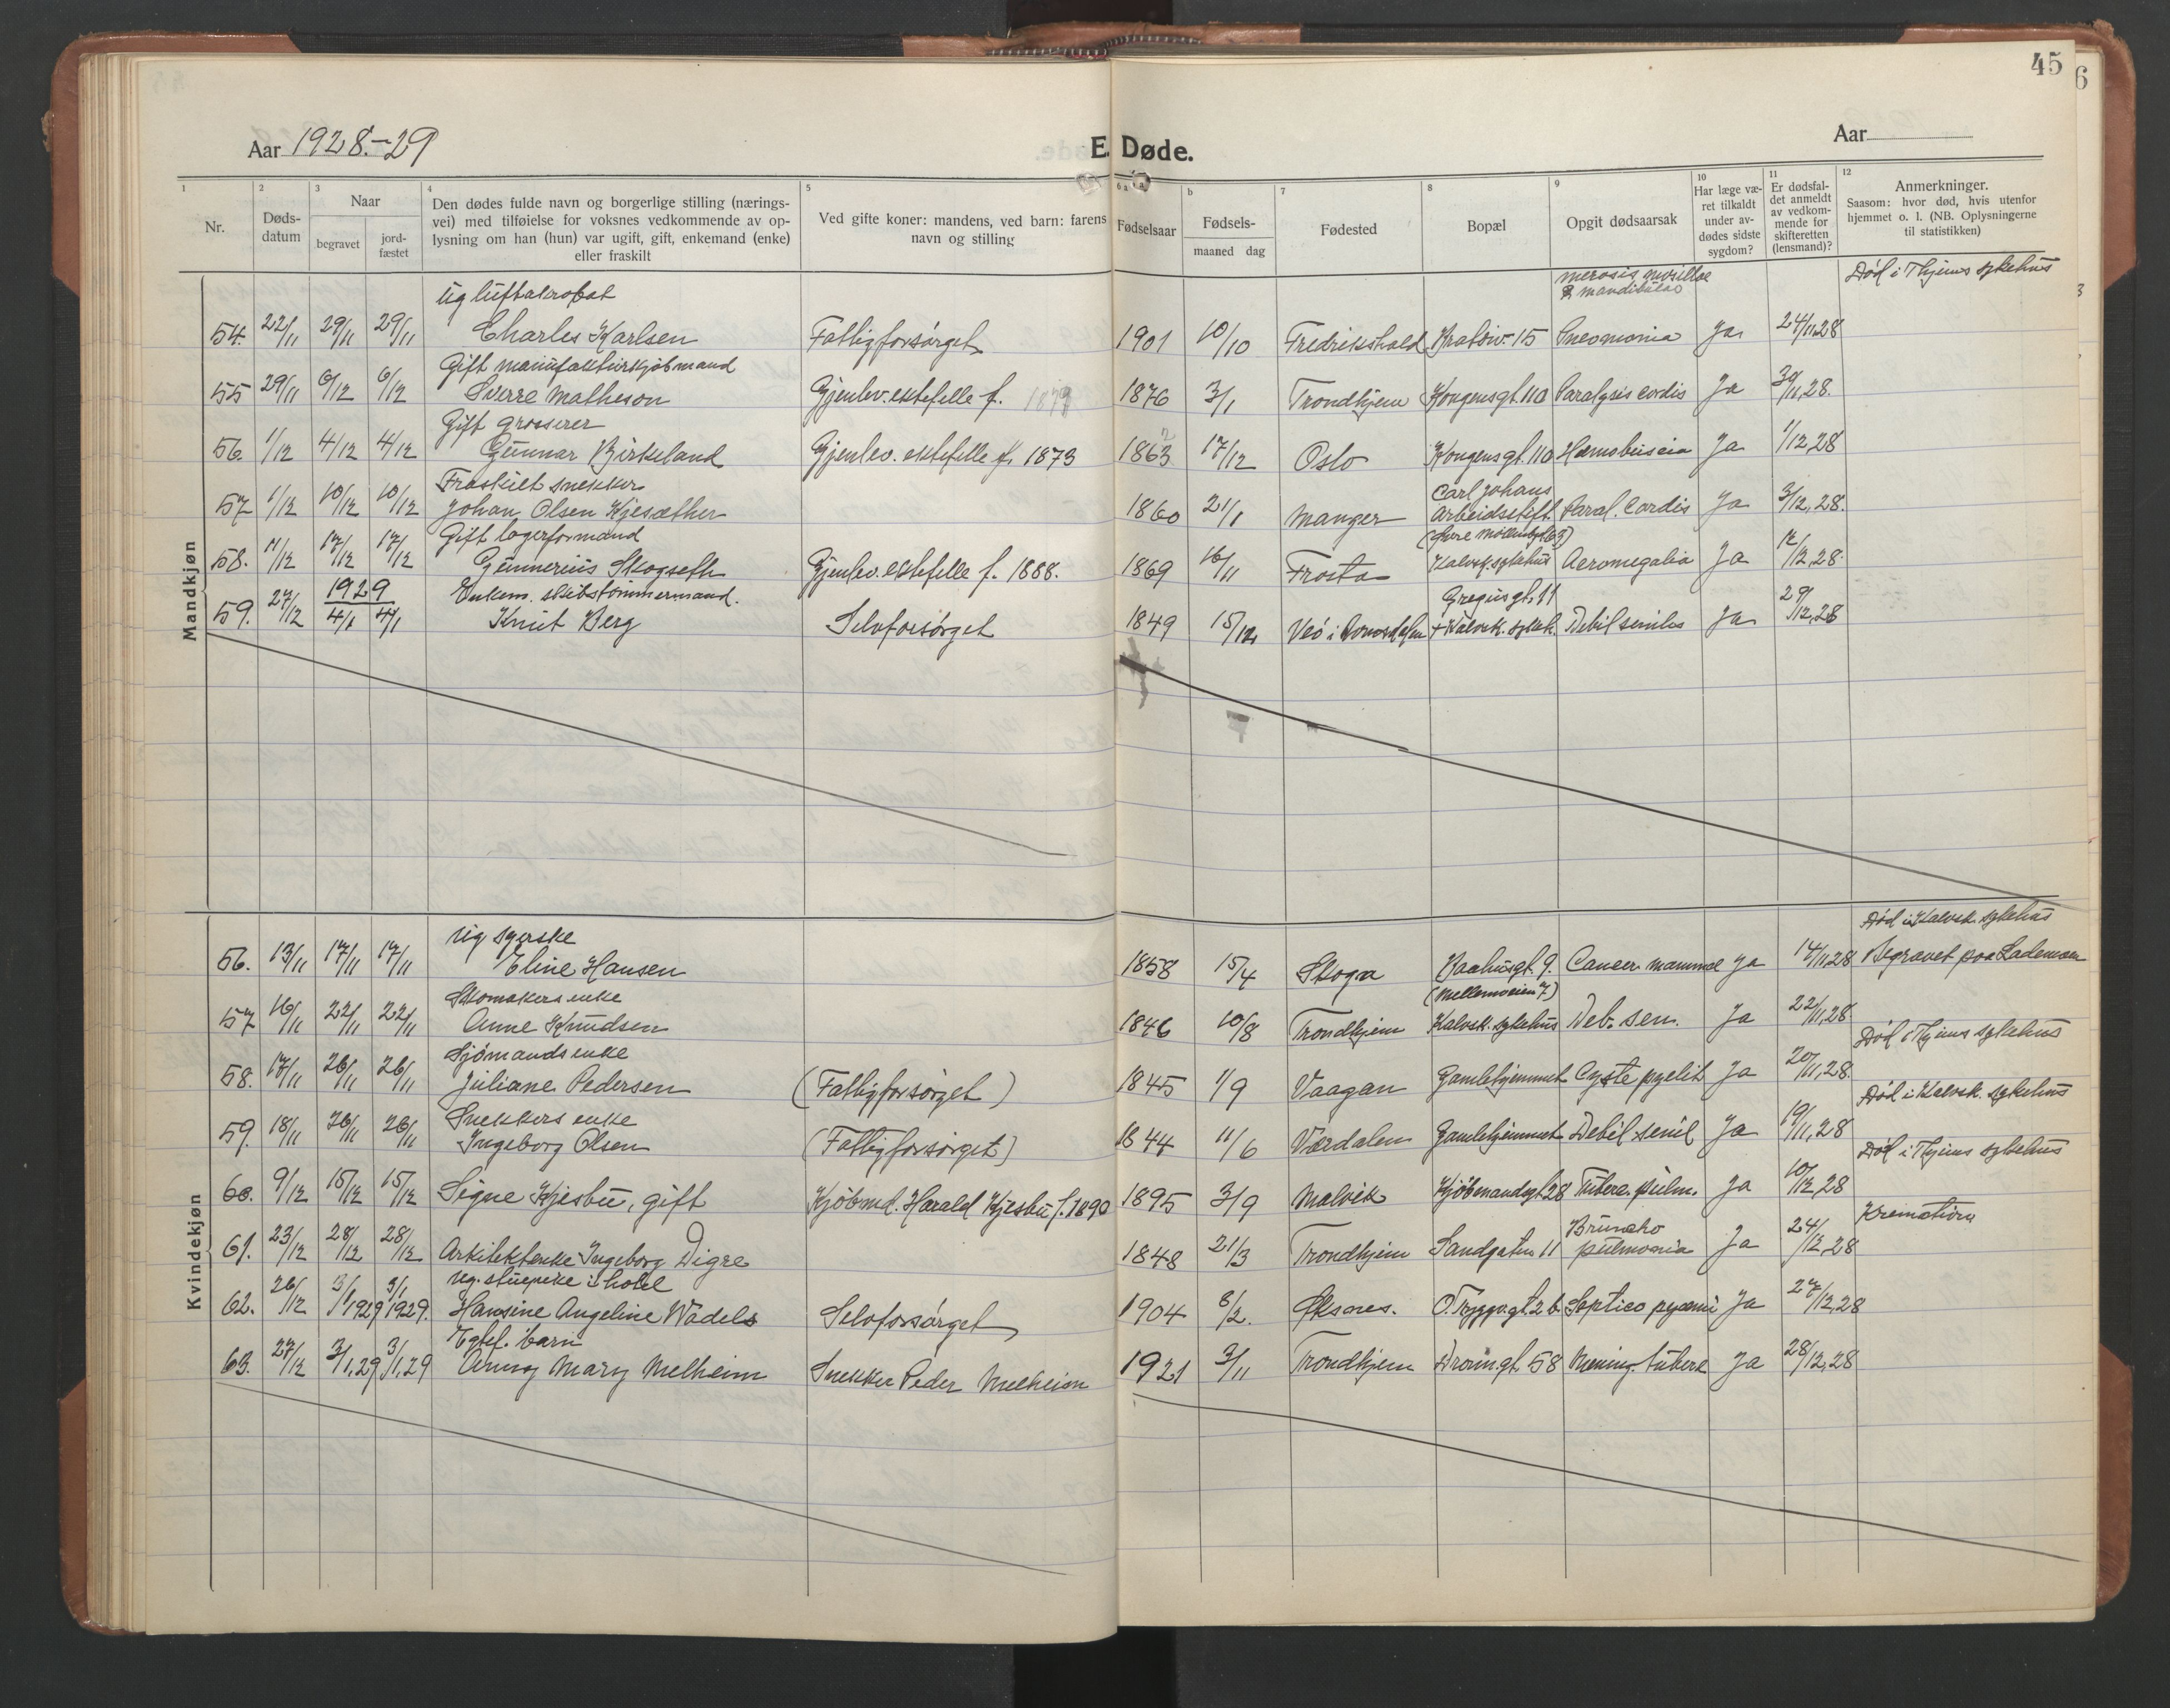 SAT, Ministerialprotokoller, klokkerbøker og fødselsregistre - Sør-Trøndelag, 602/L0150: Klokkerbok nr. 602C18, 1922-1949, s. 45